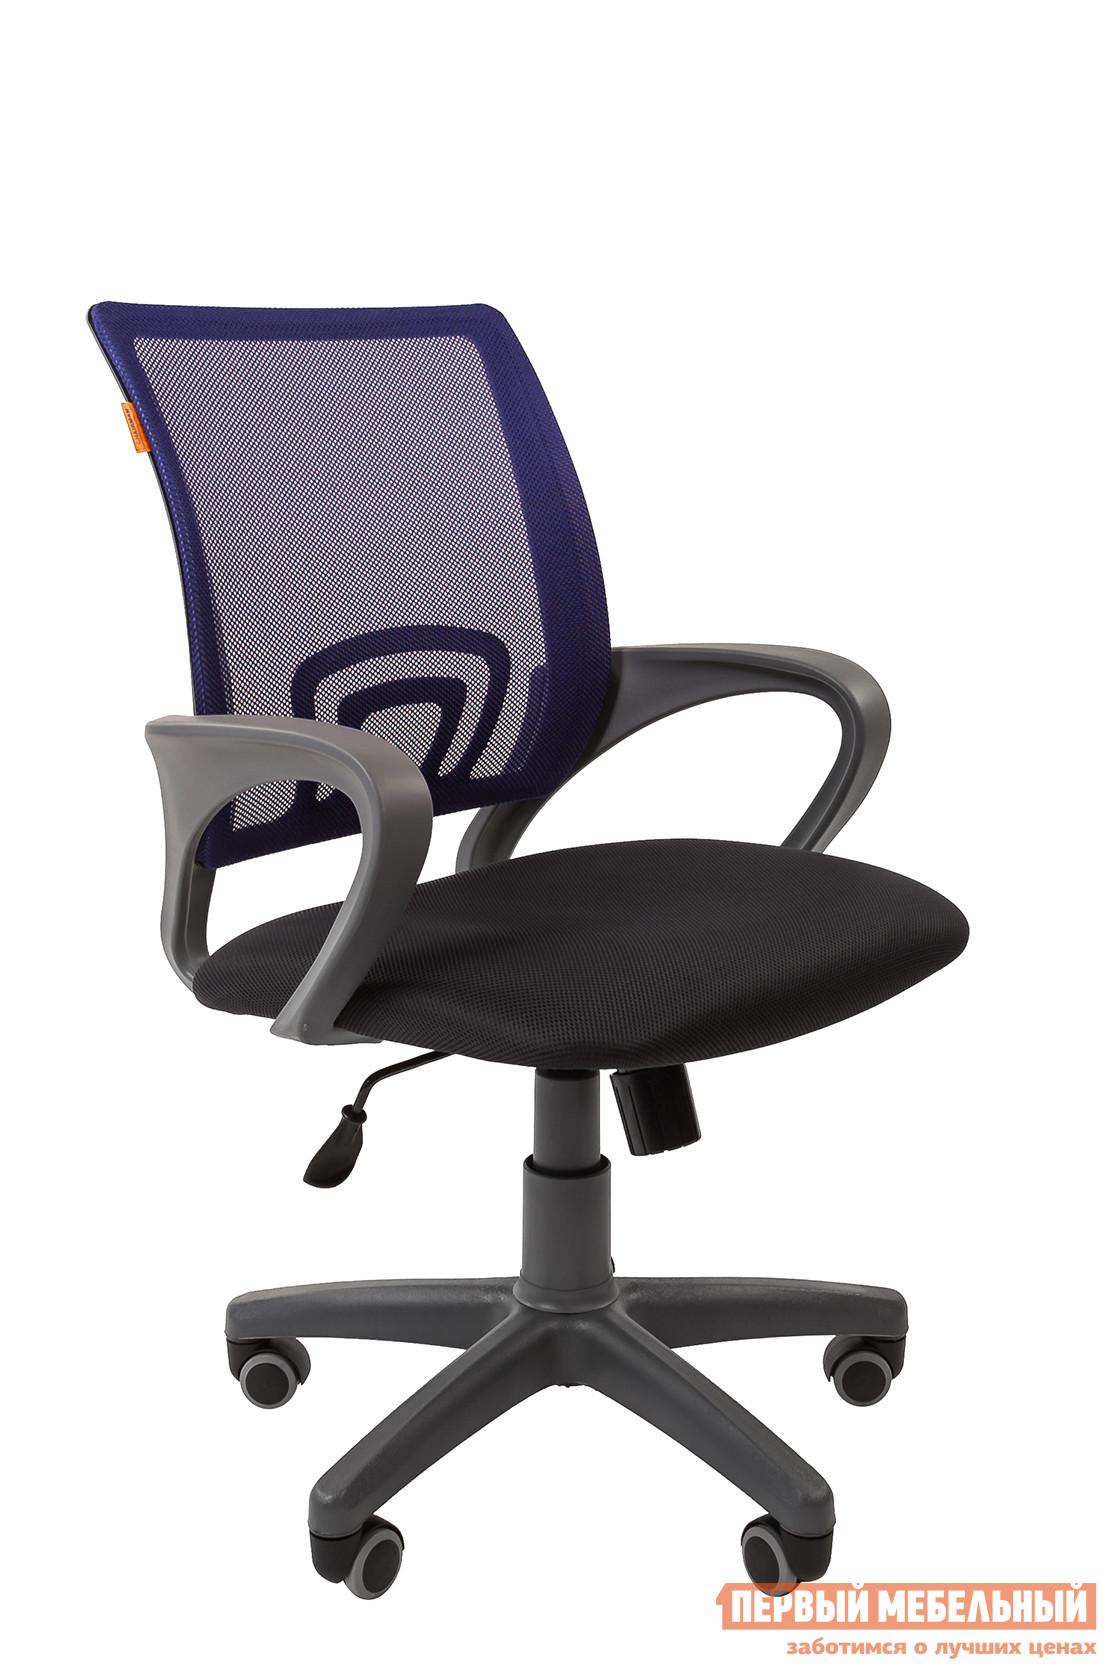 лучшая цена Офисное кресло Тайпит CHAIRMAN 696 grey